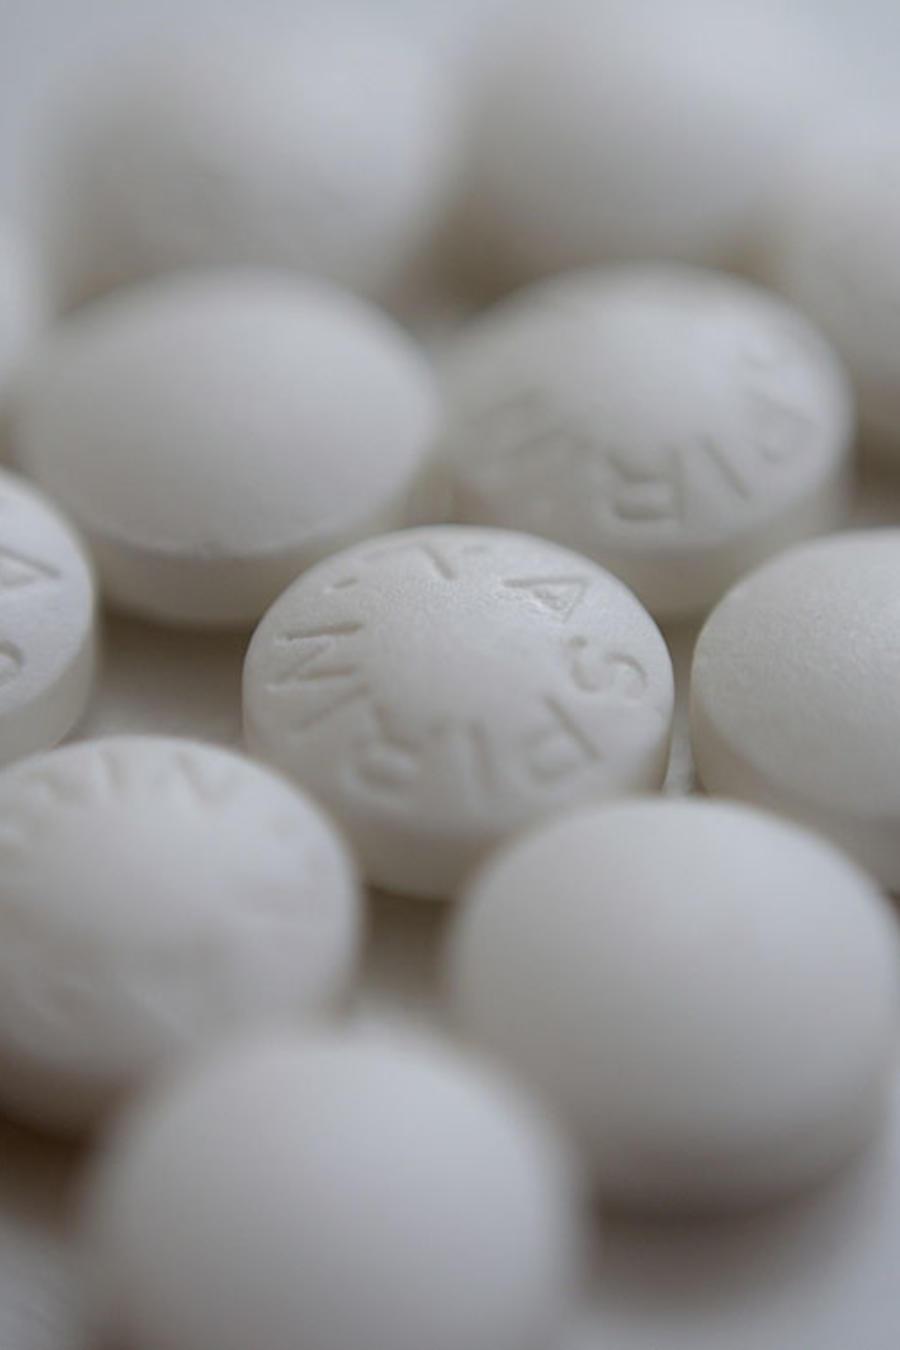 Varias píldoras de aspirina.